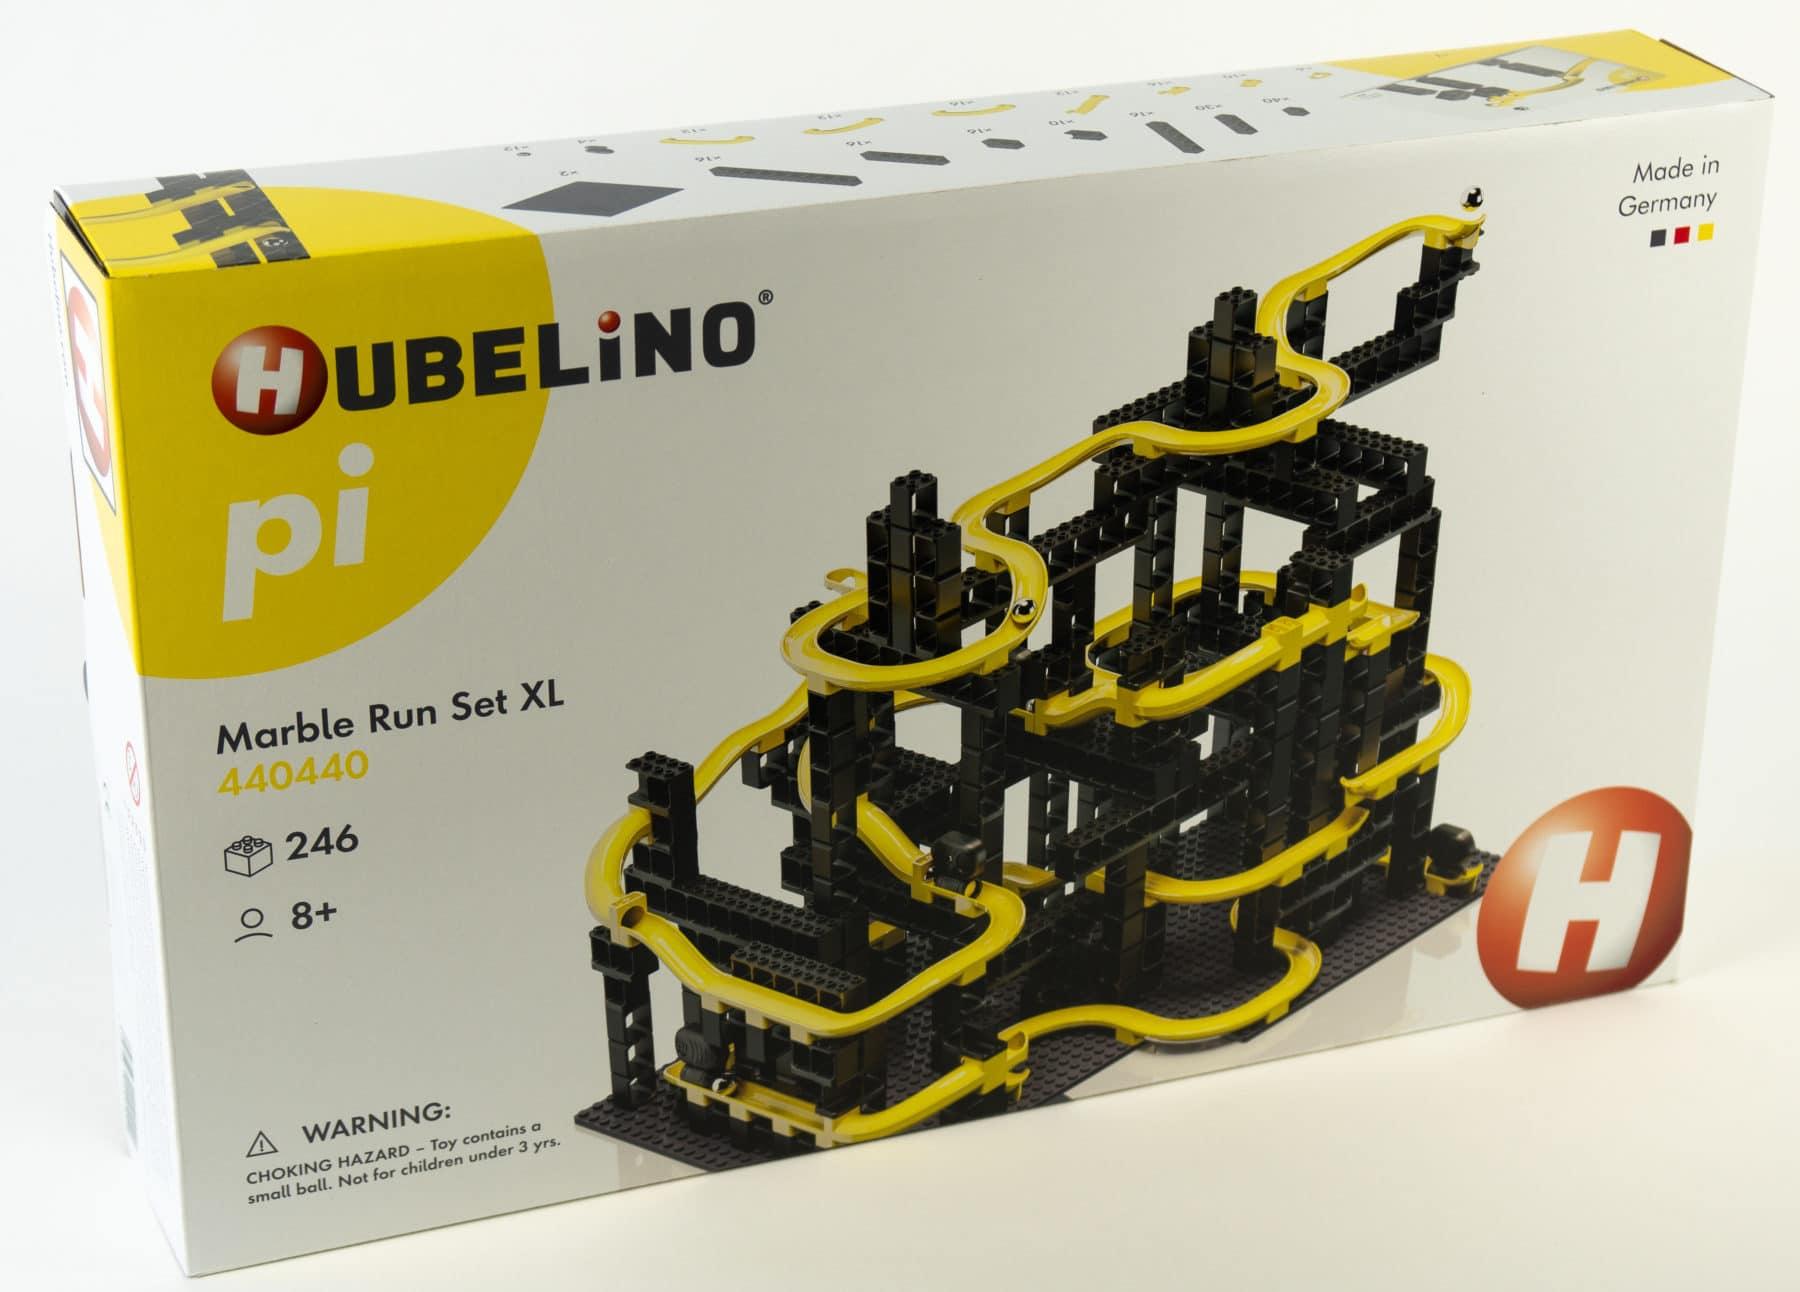 Hubelino Pi Kugelbahn Box